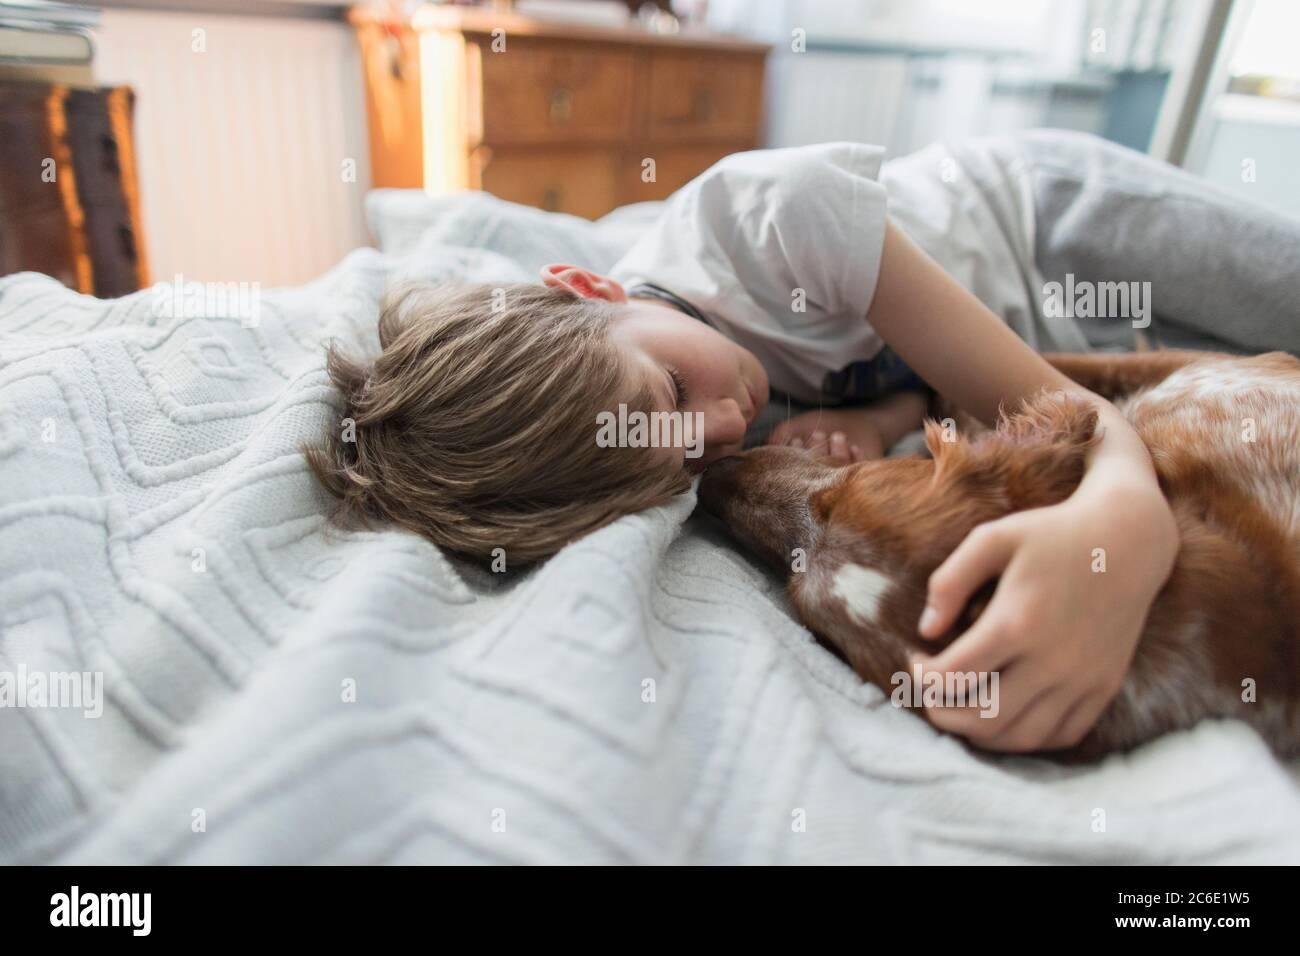 Cute boy cuddling dog on bed Stock Photo